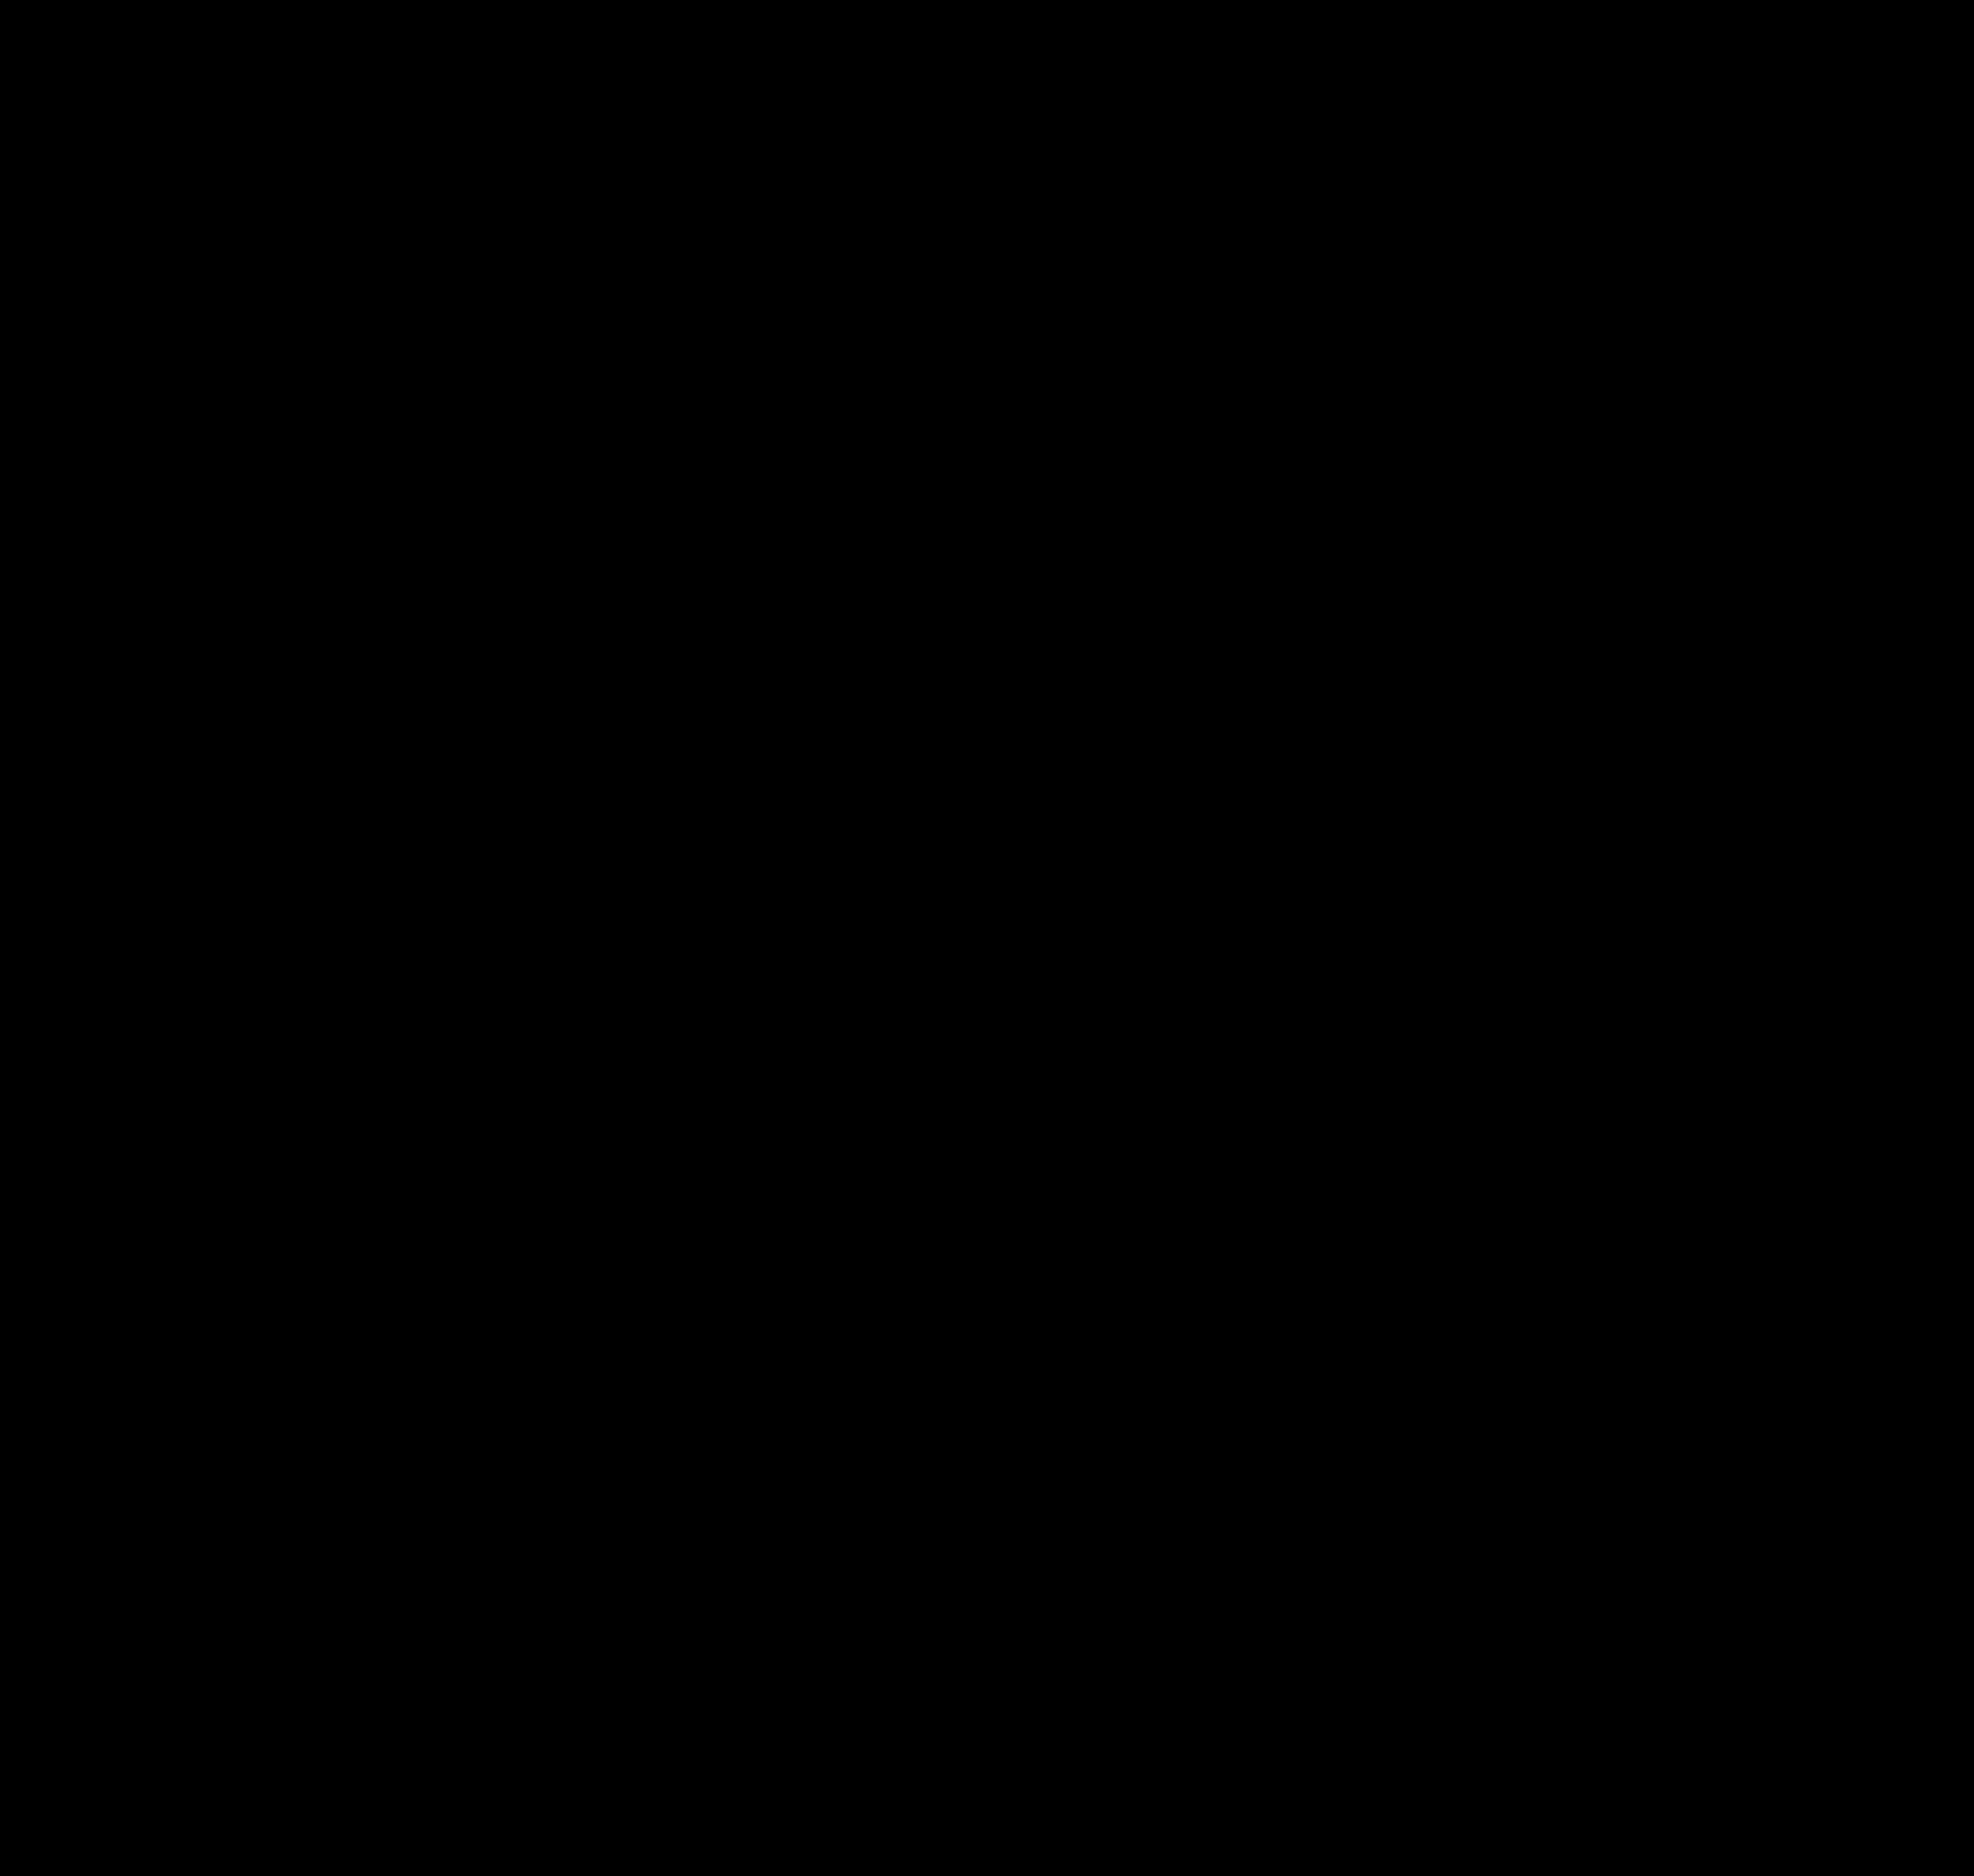 rearing horse silhouette clip art wwwpixsharkcom